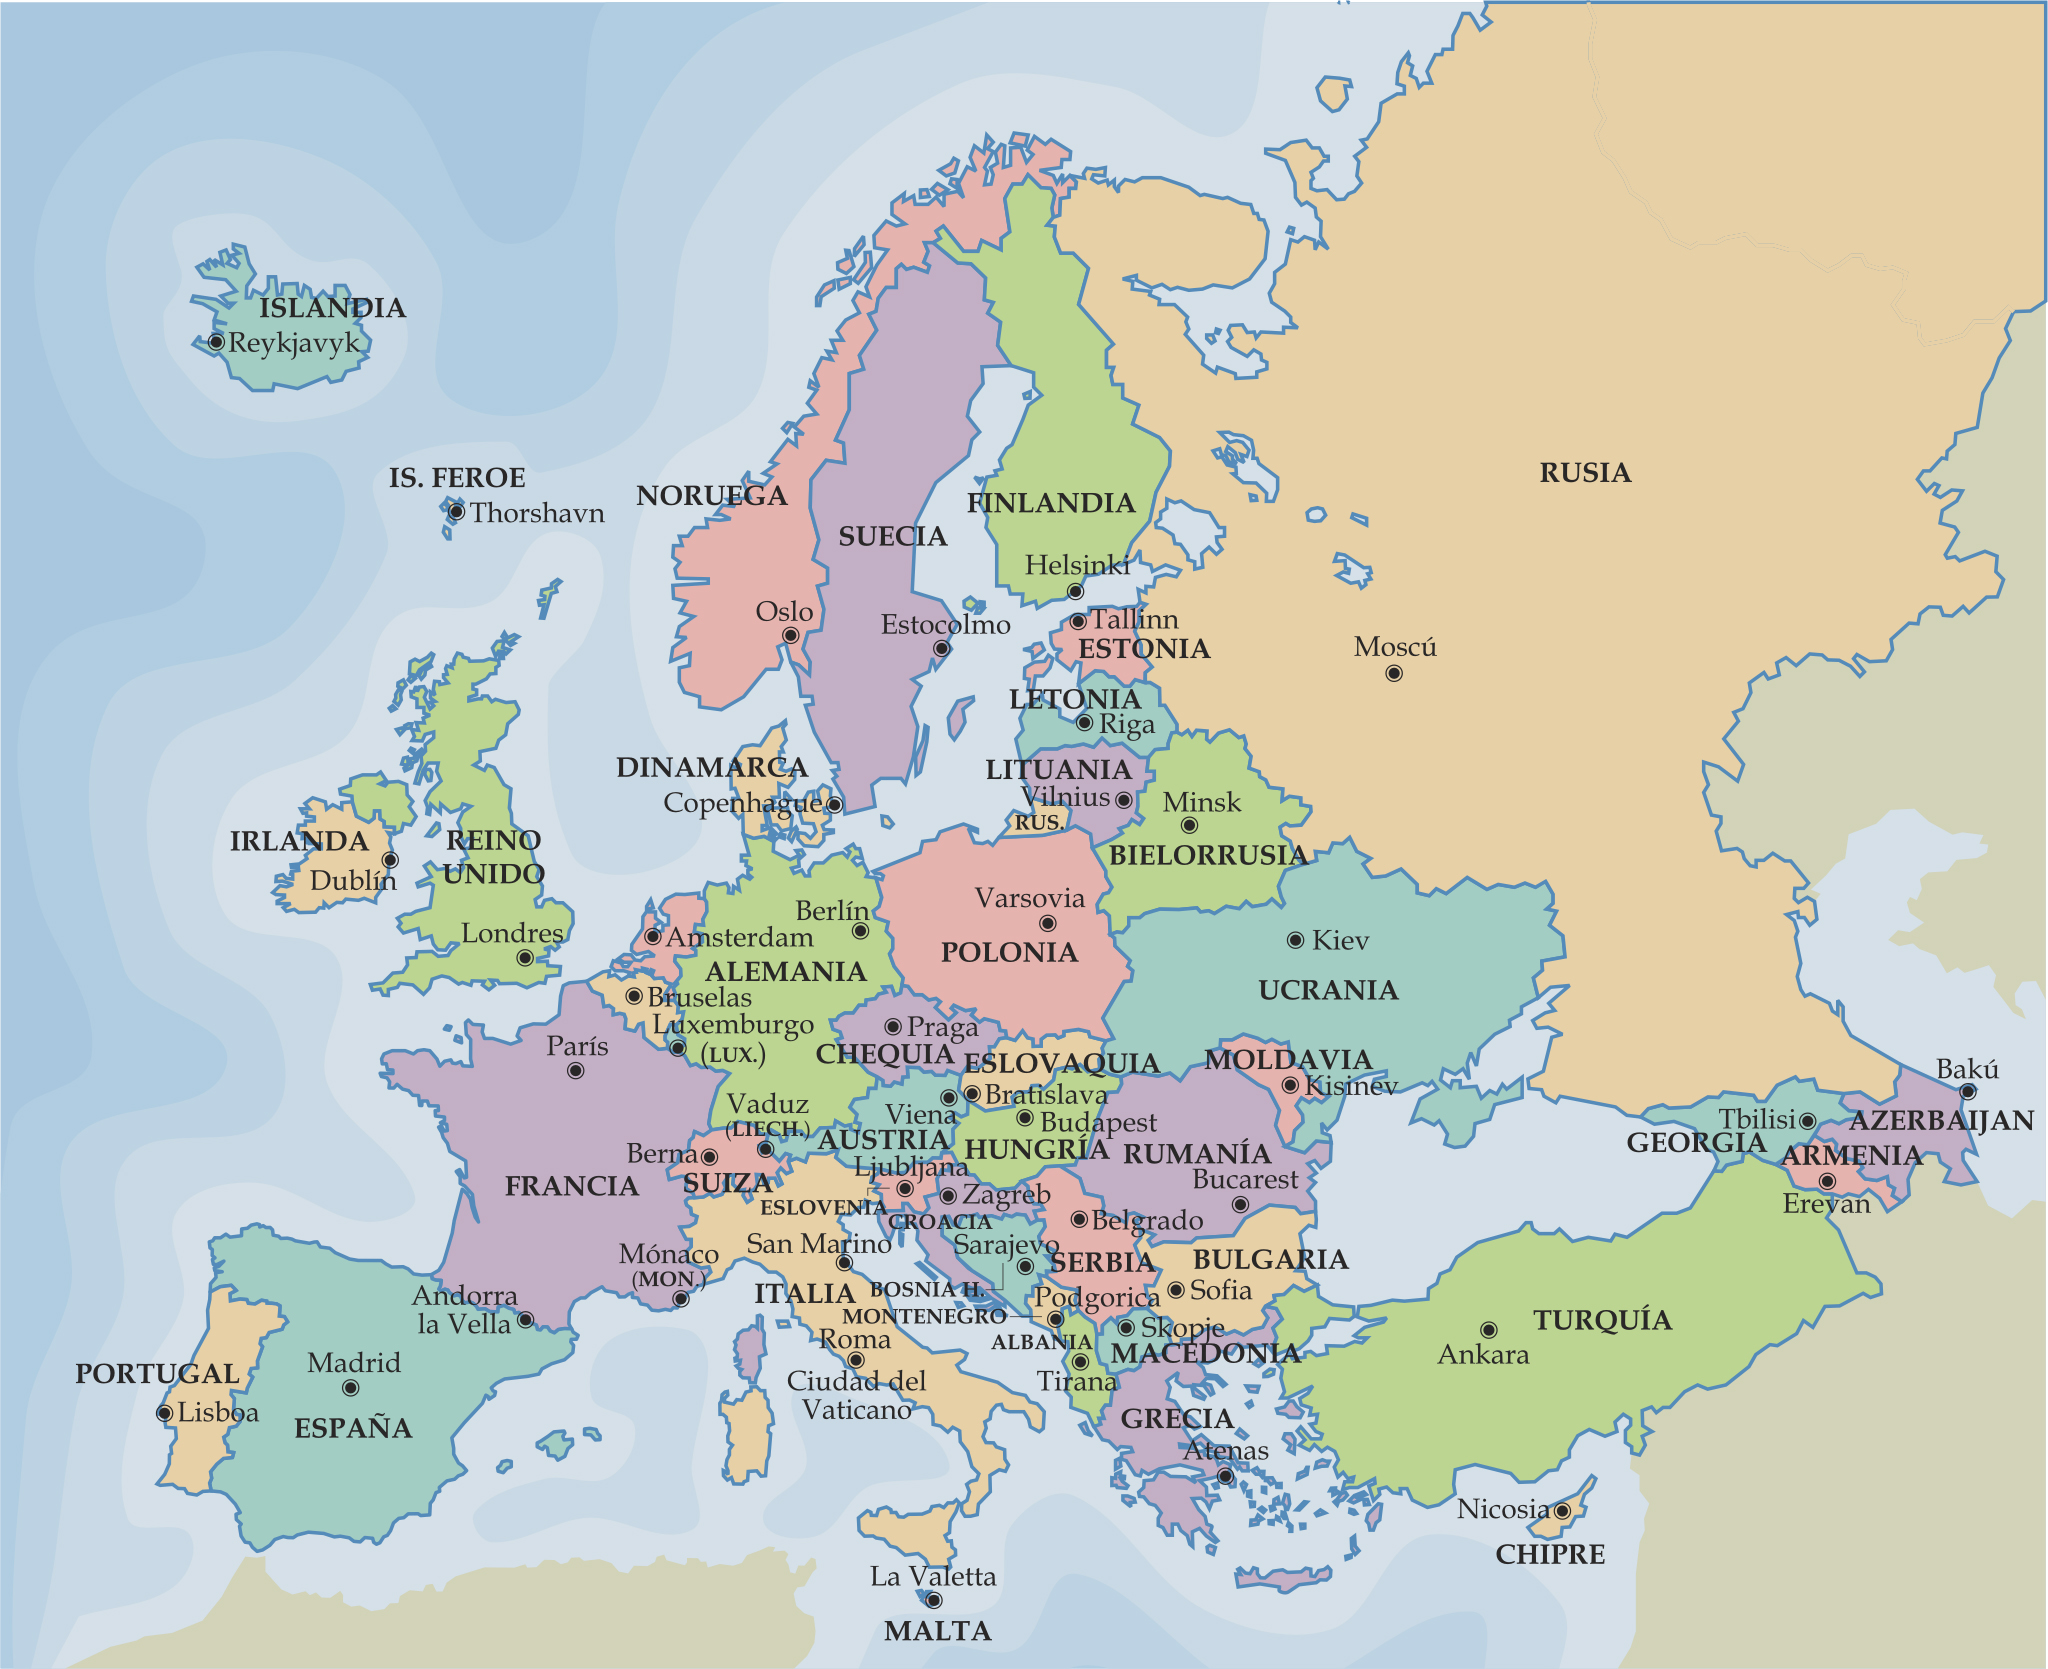 mapa politico da europa Mapa Politico Europa Imprimir mapa politico da europa